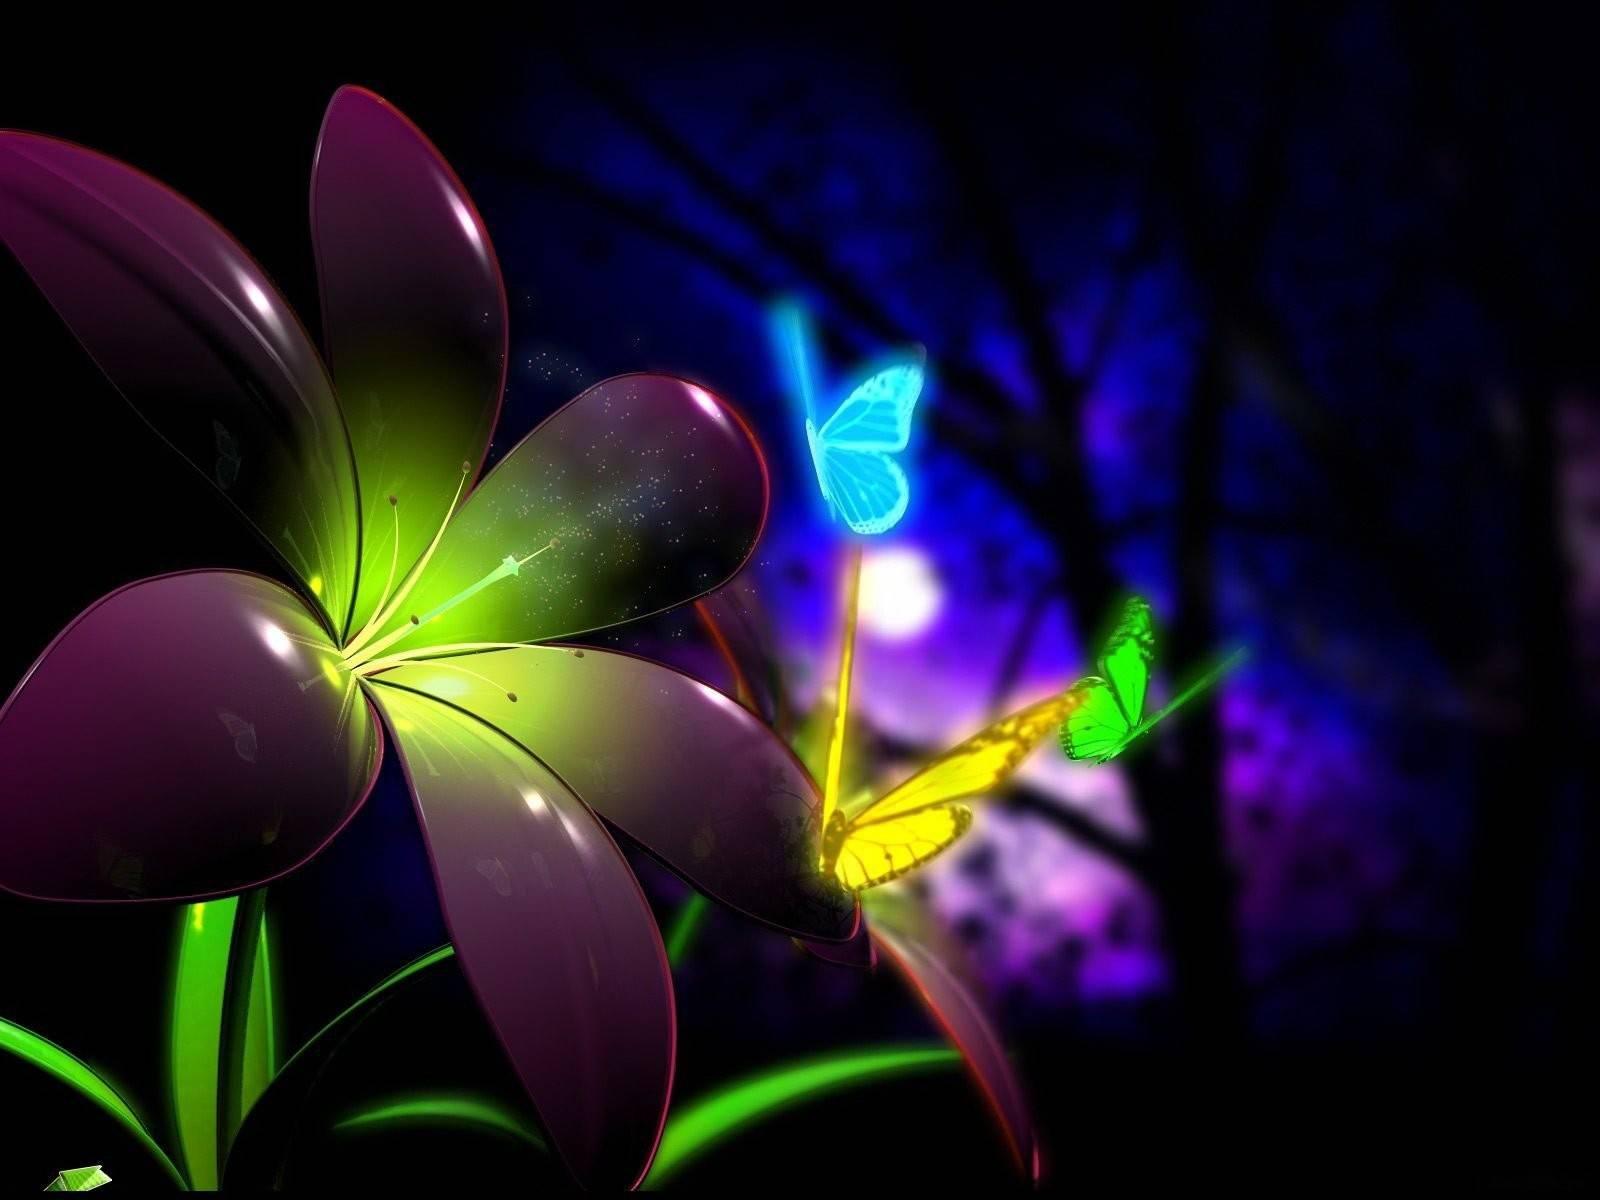 Neon Butterflies Backgrounds Cool neon butterflies 1600x1200